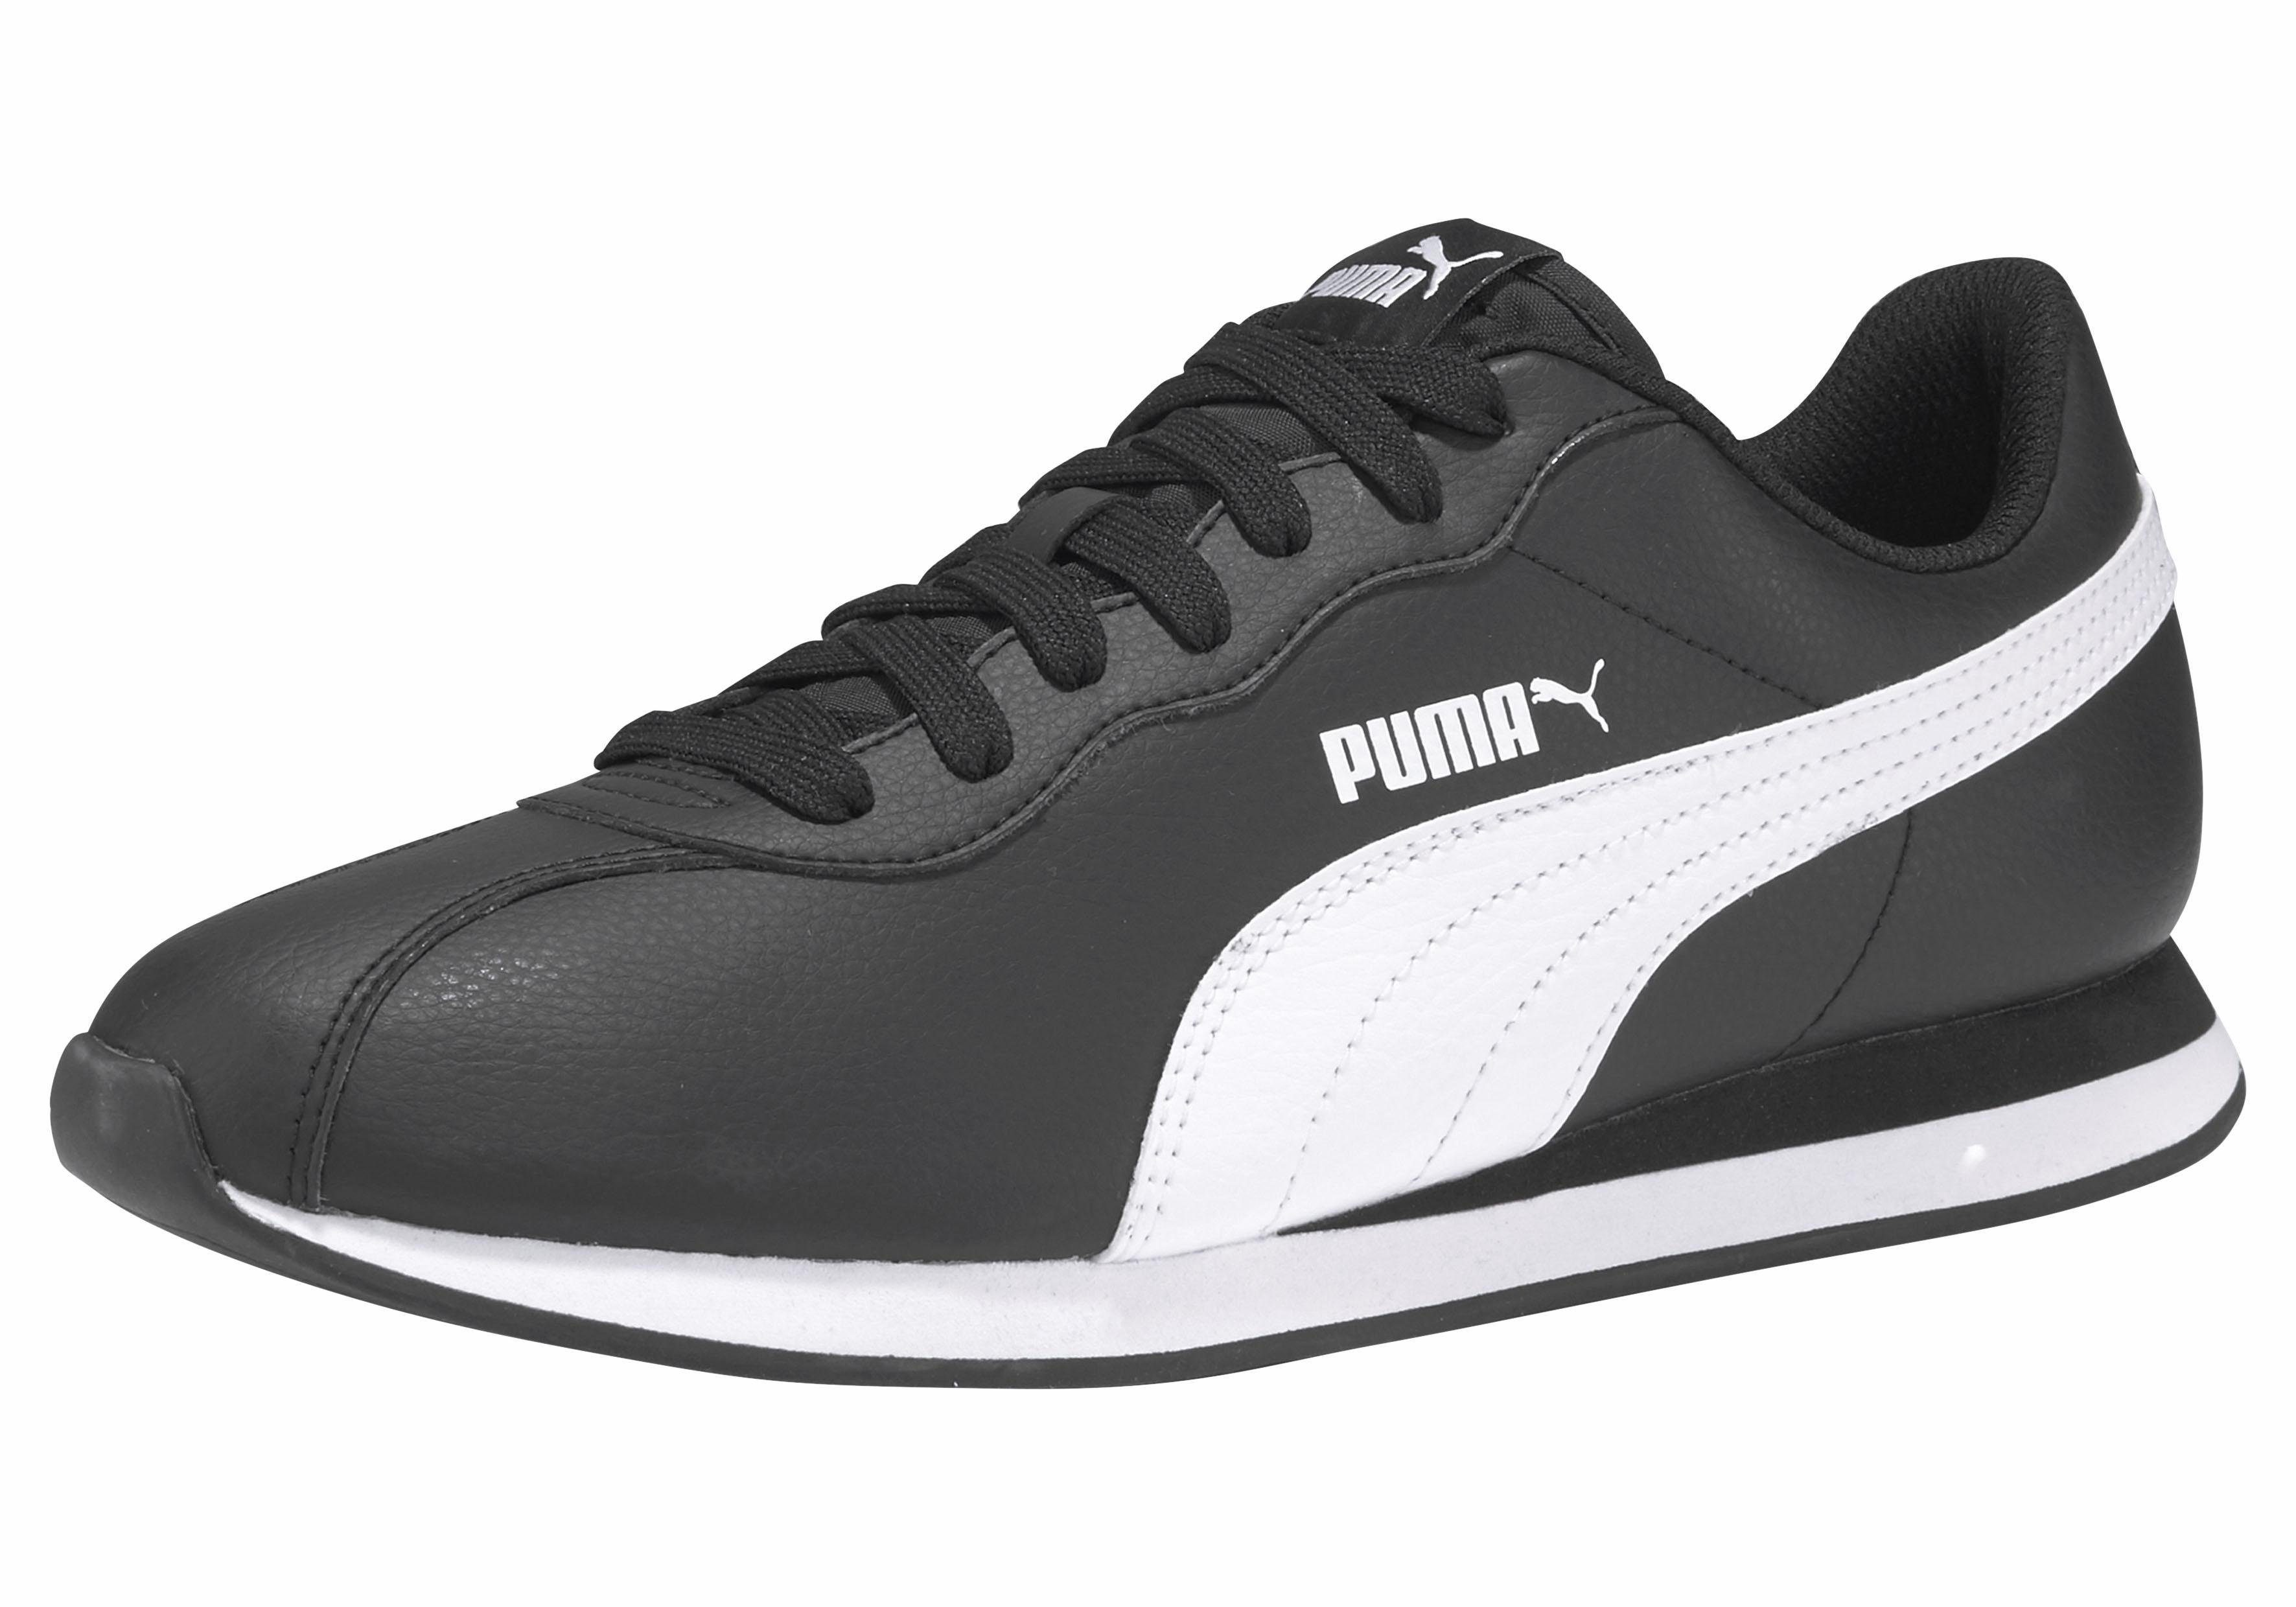 PUMA »Turin II« Sneaker, Klassischer Sneaker von Puma online kaufen | OTTO